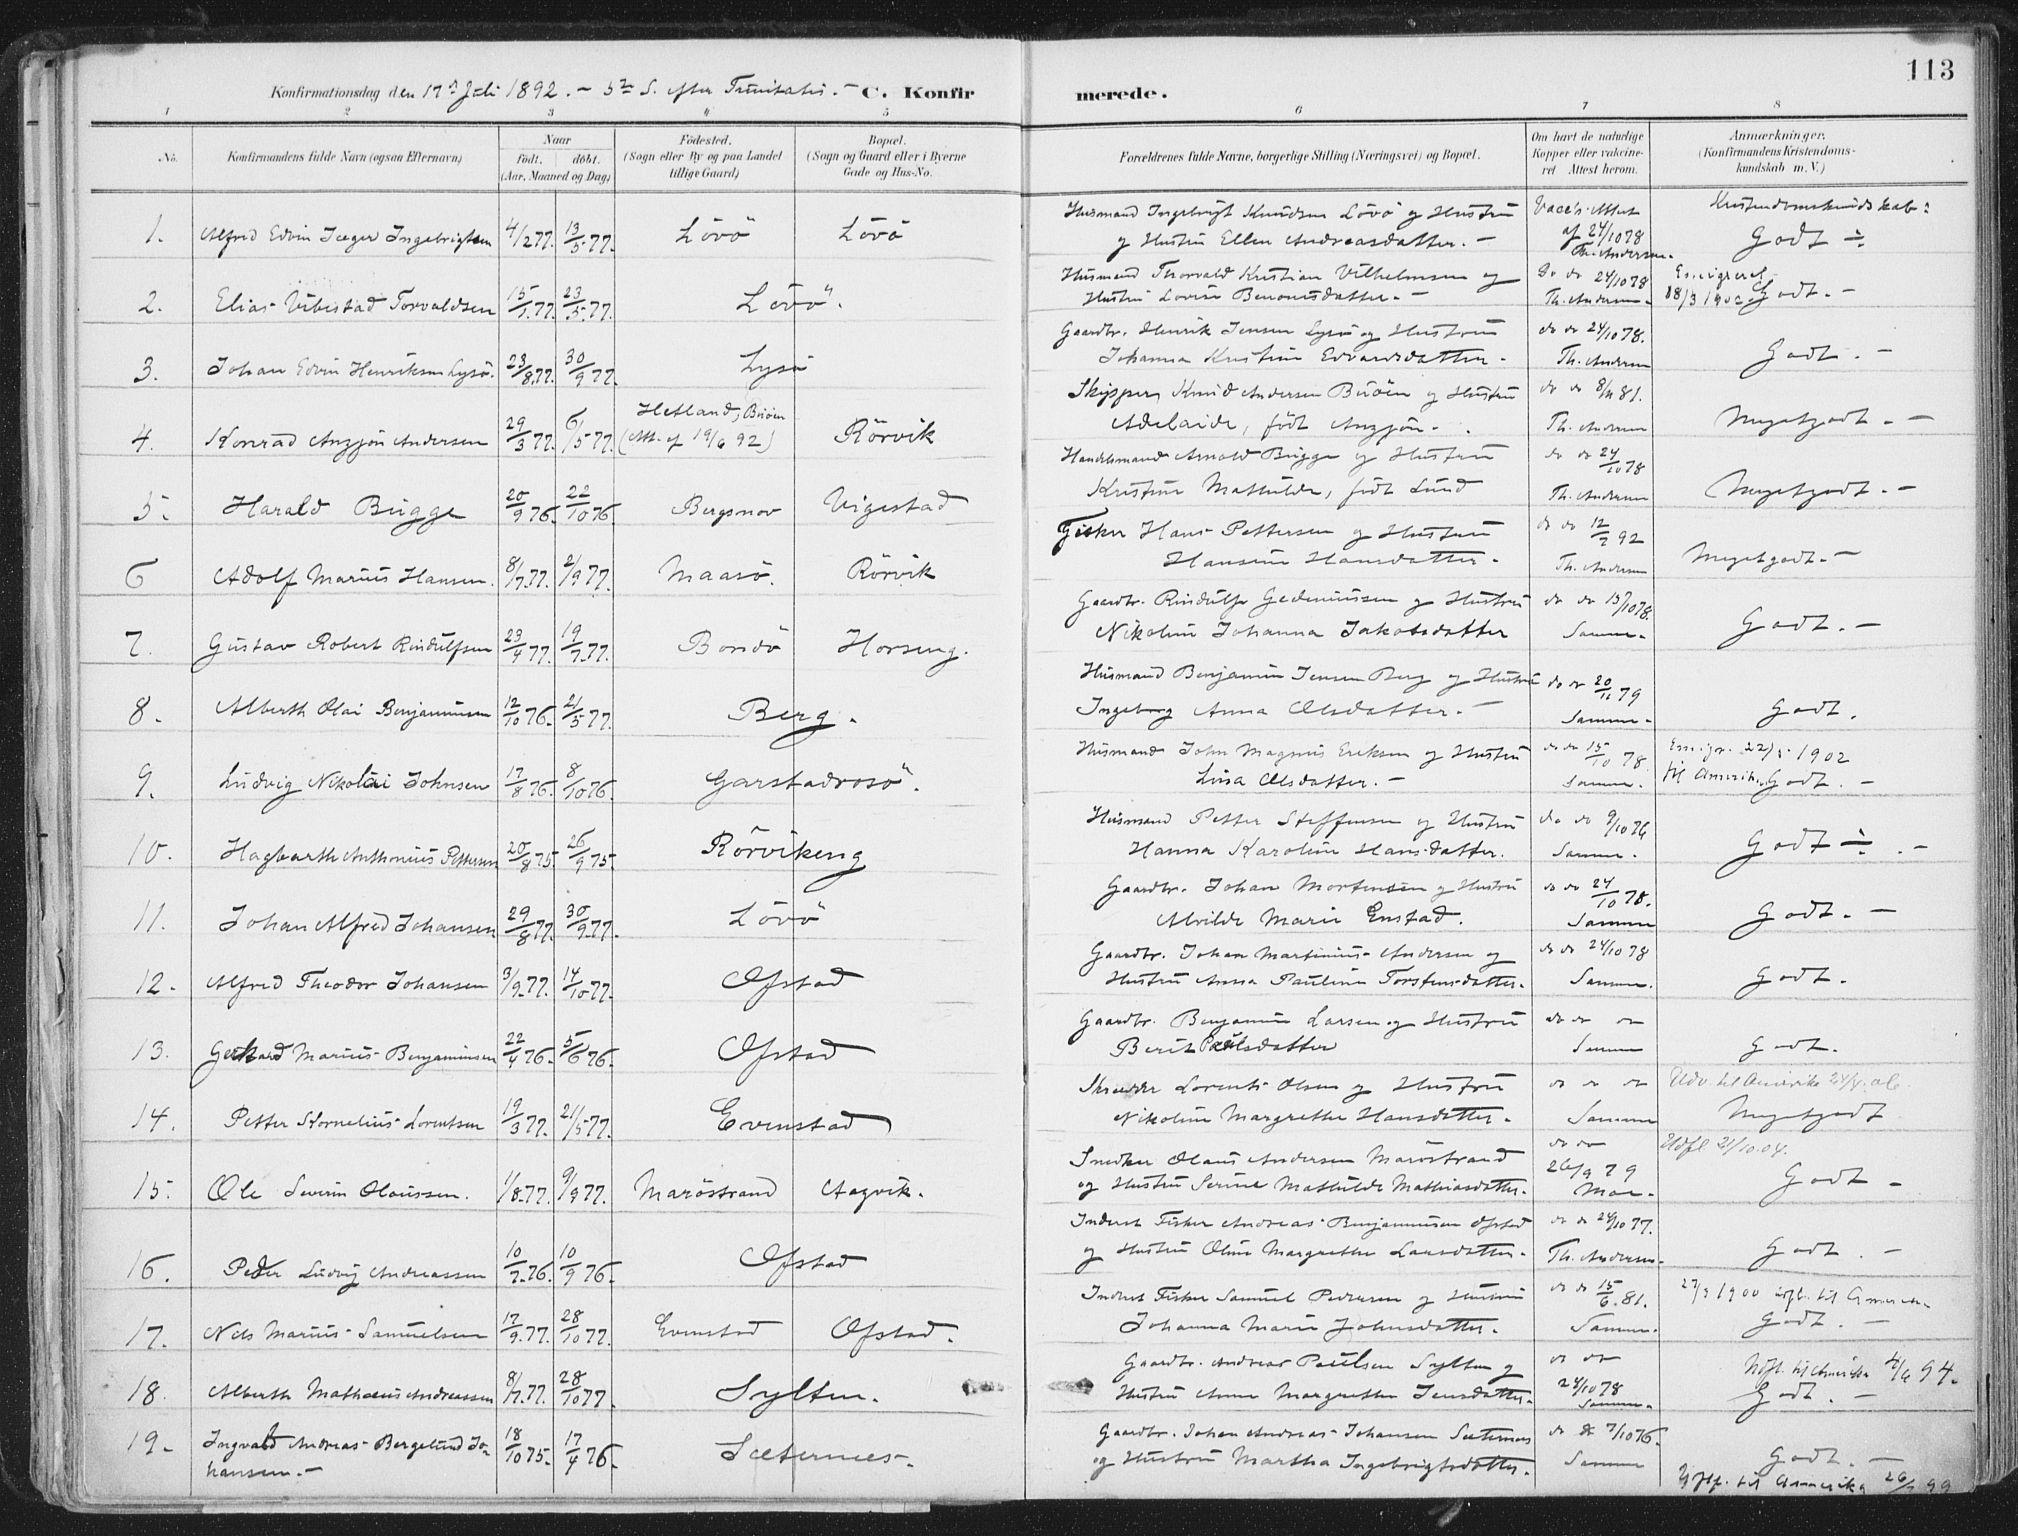 SAT, Ministerialprotokoller, klokkerbøker og fødselsregistre - Nord-Trøndelag, 786/L0687: Ministerialbok nr. 786A03, 1888-1898, s. 113